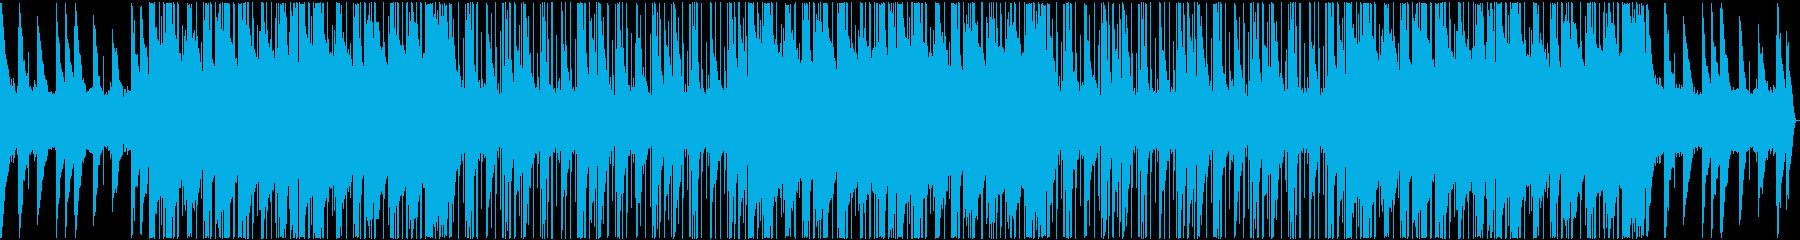 lo-fi 落着いた hip-hopの再生済みの波形